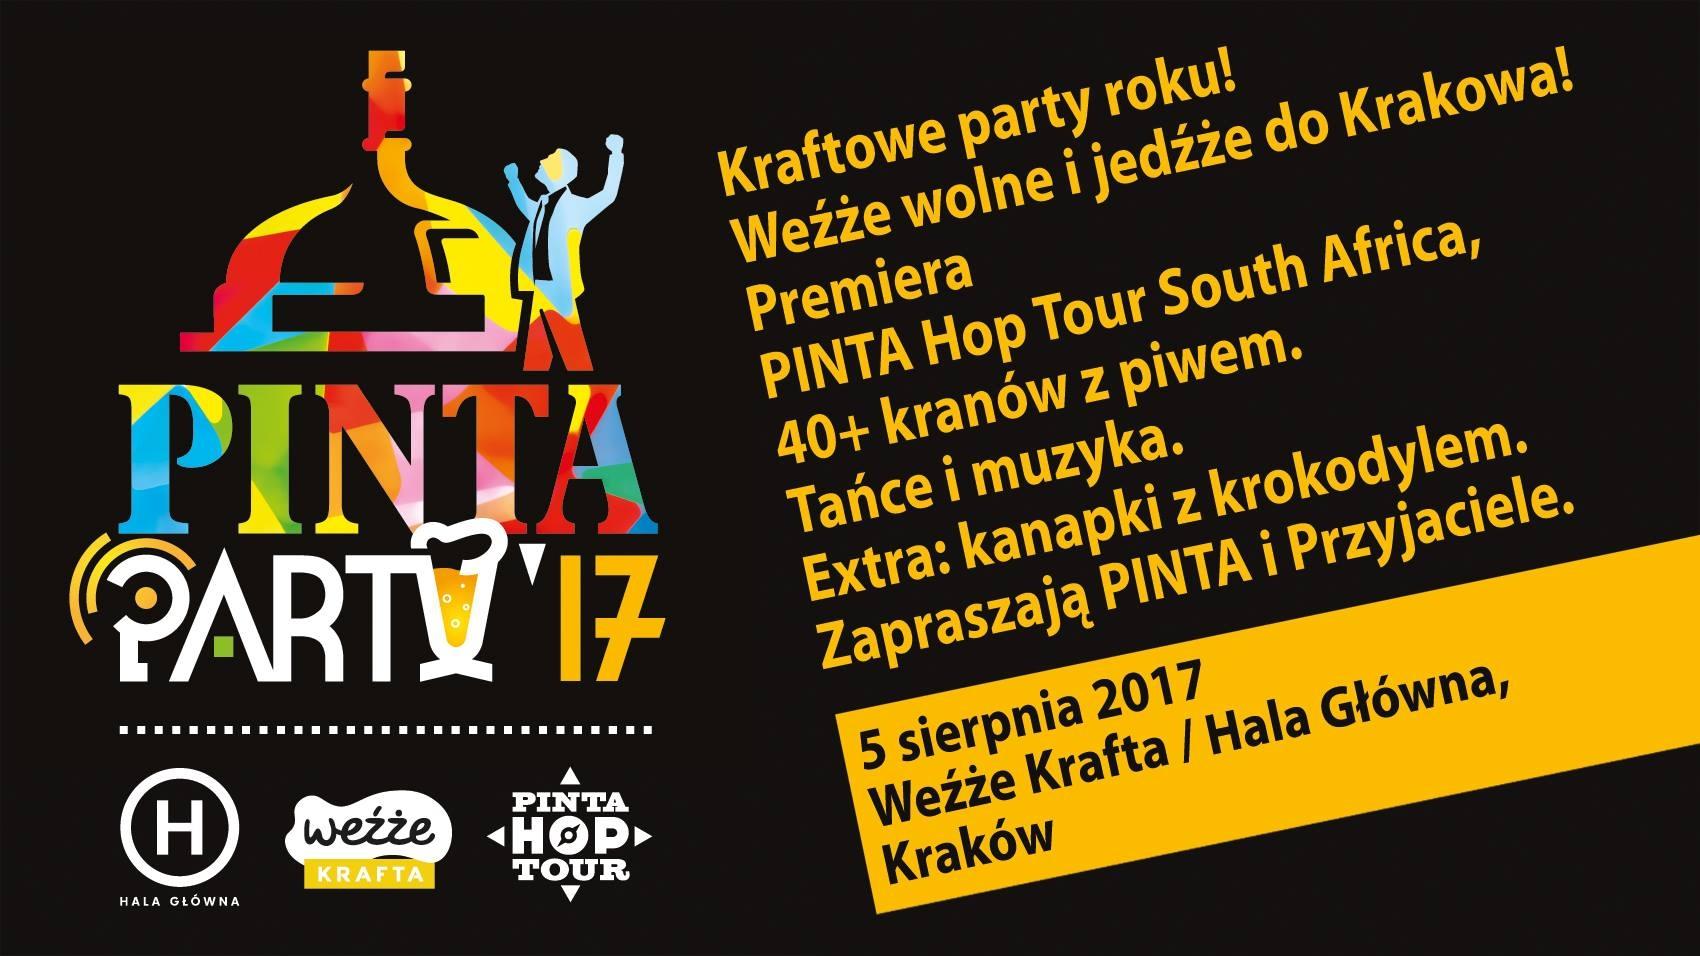 PINTA PARTY '17